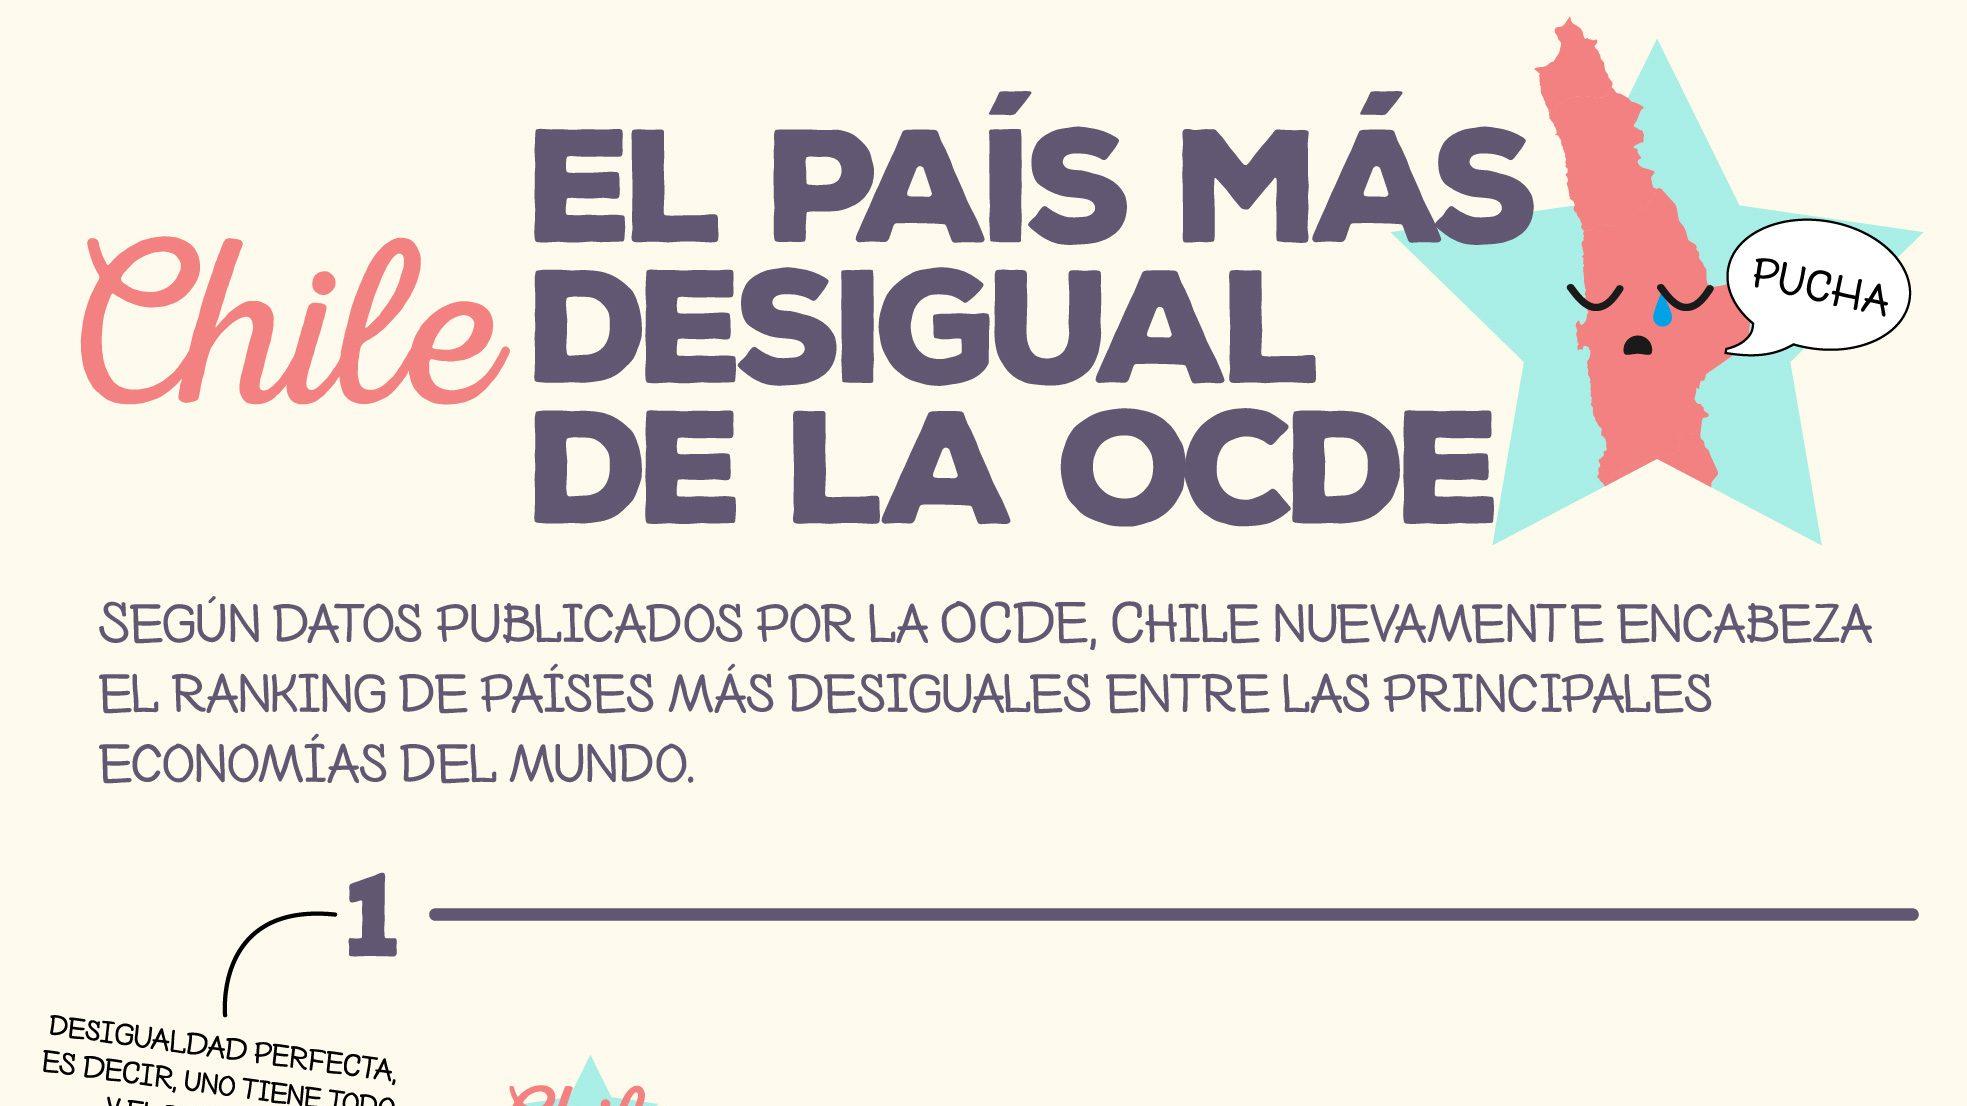 La OCDE insta a Chile a que se centre en reducir las desigualdades para reforzar la recuperación social y económica del COVID-19